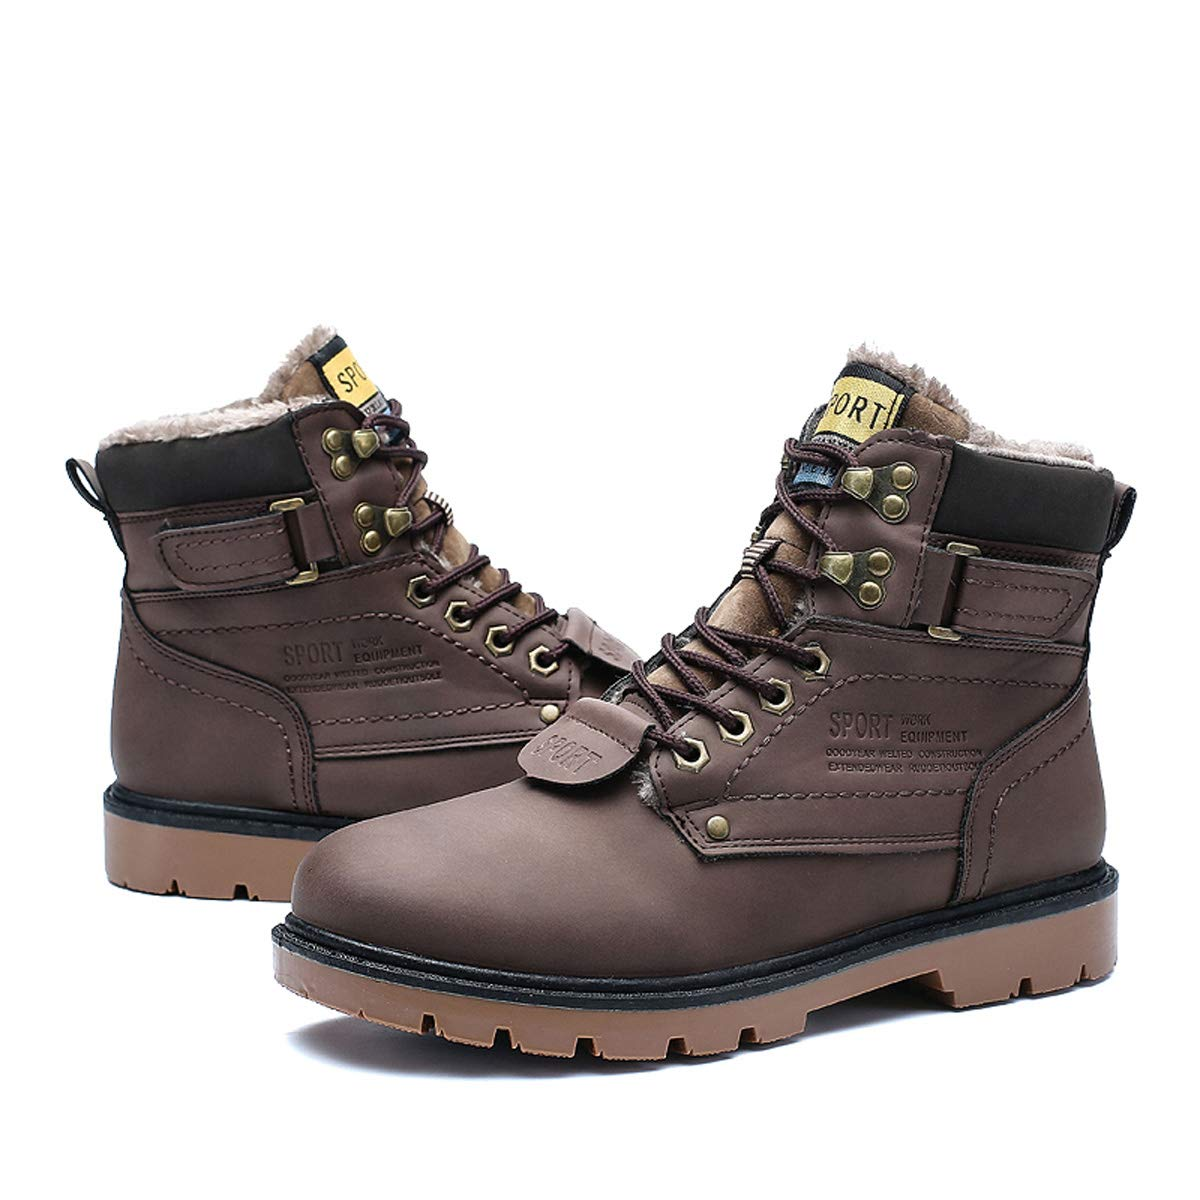 c9af894aea1 gracosy Hombre Botas de Senderismo Invierno Cálido 2019 Impermeables  Antideslizante Ocio al Aire Libre Zapatos de